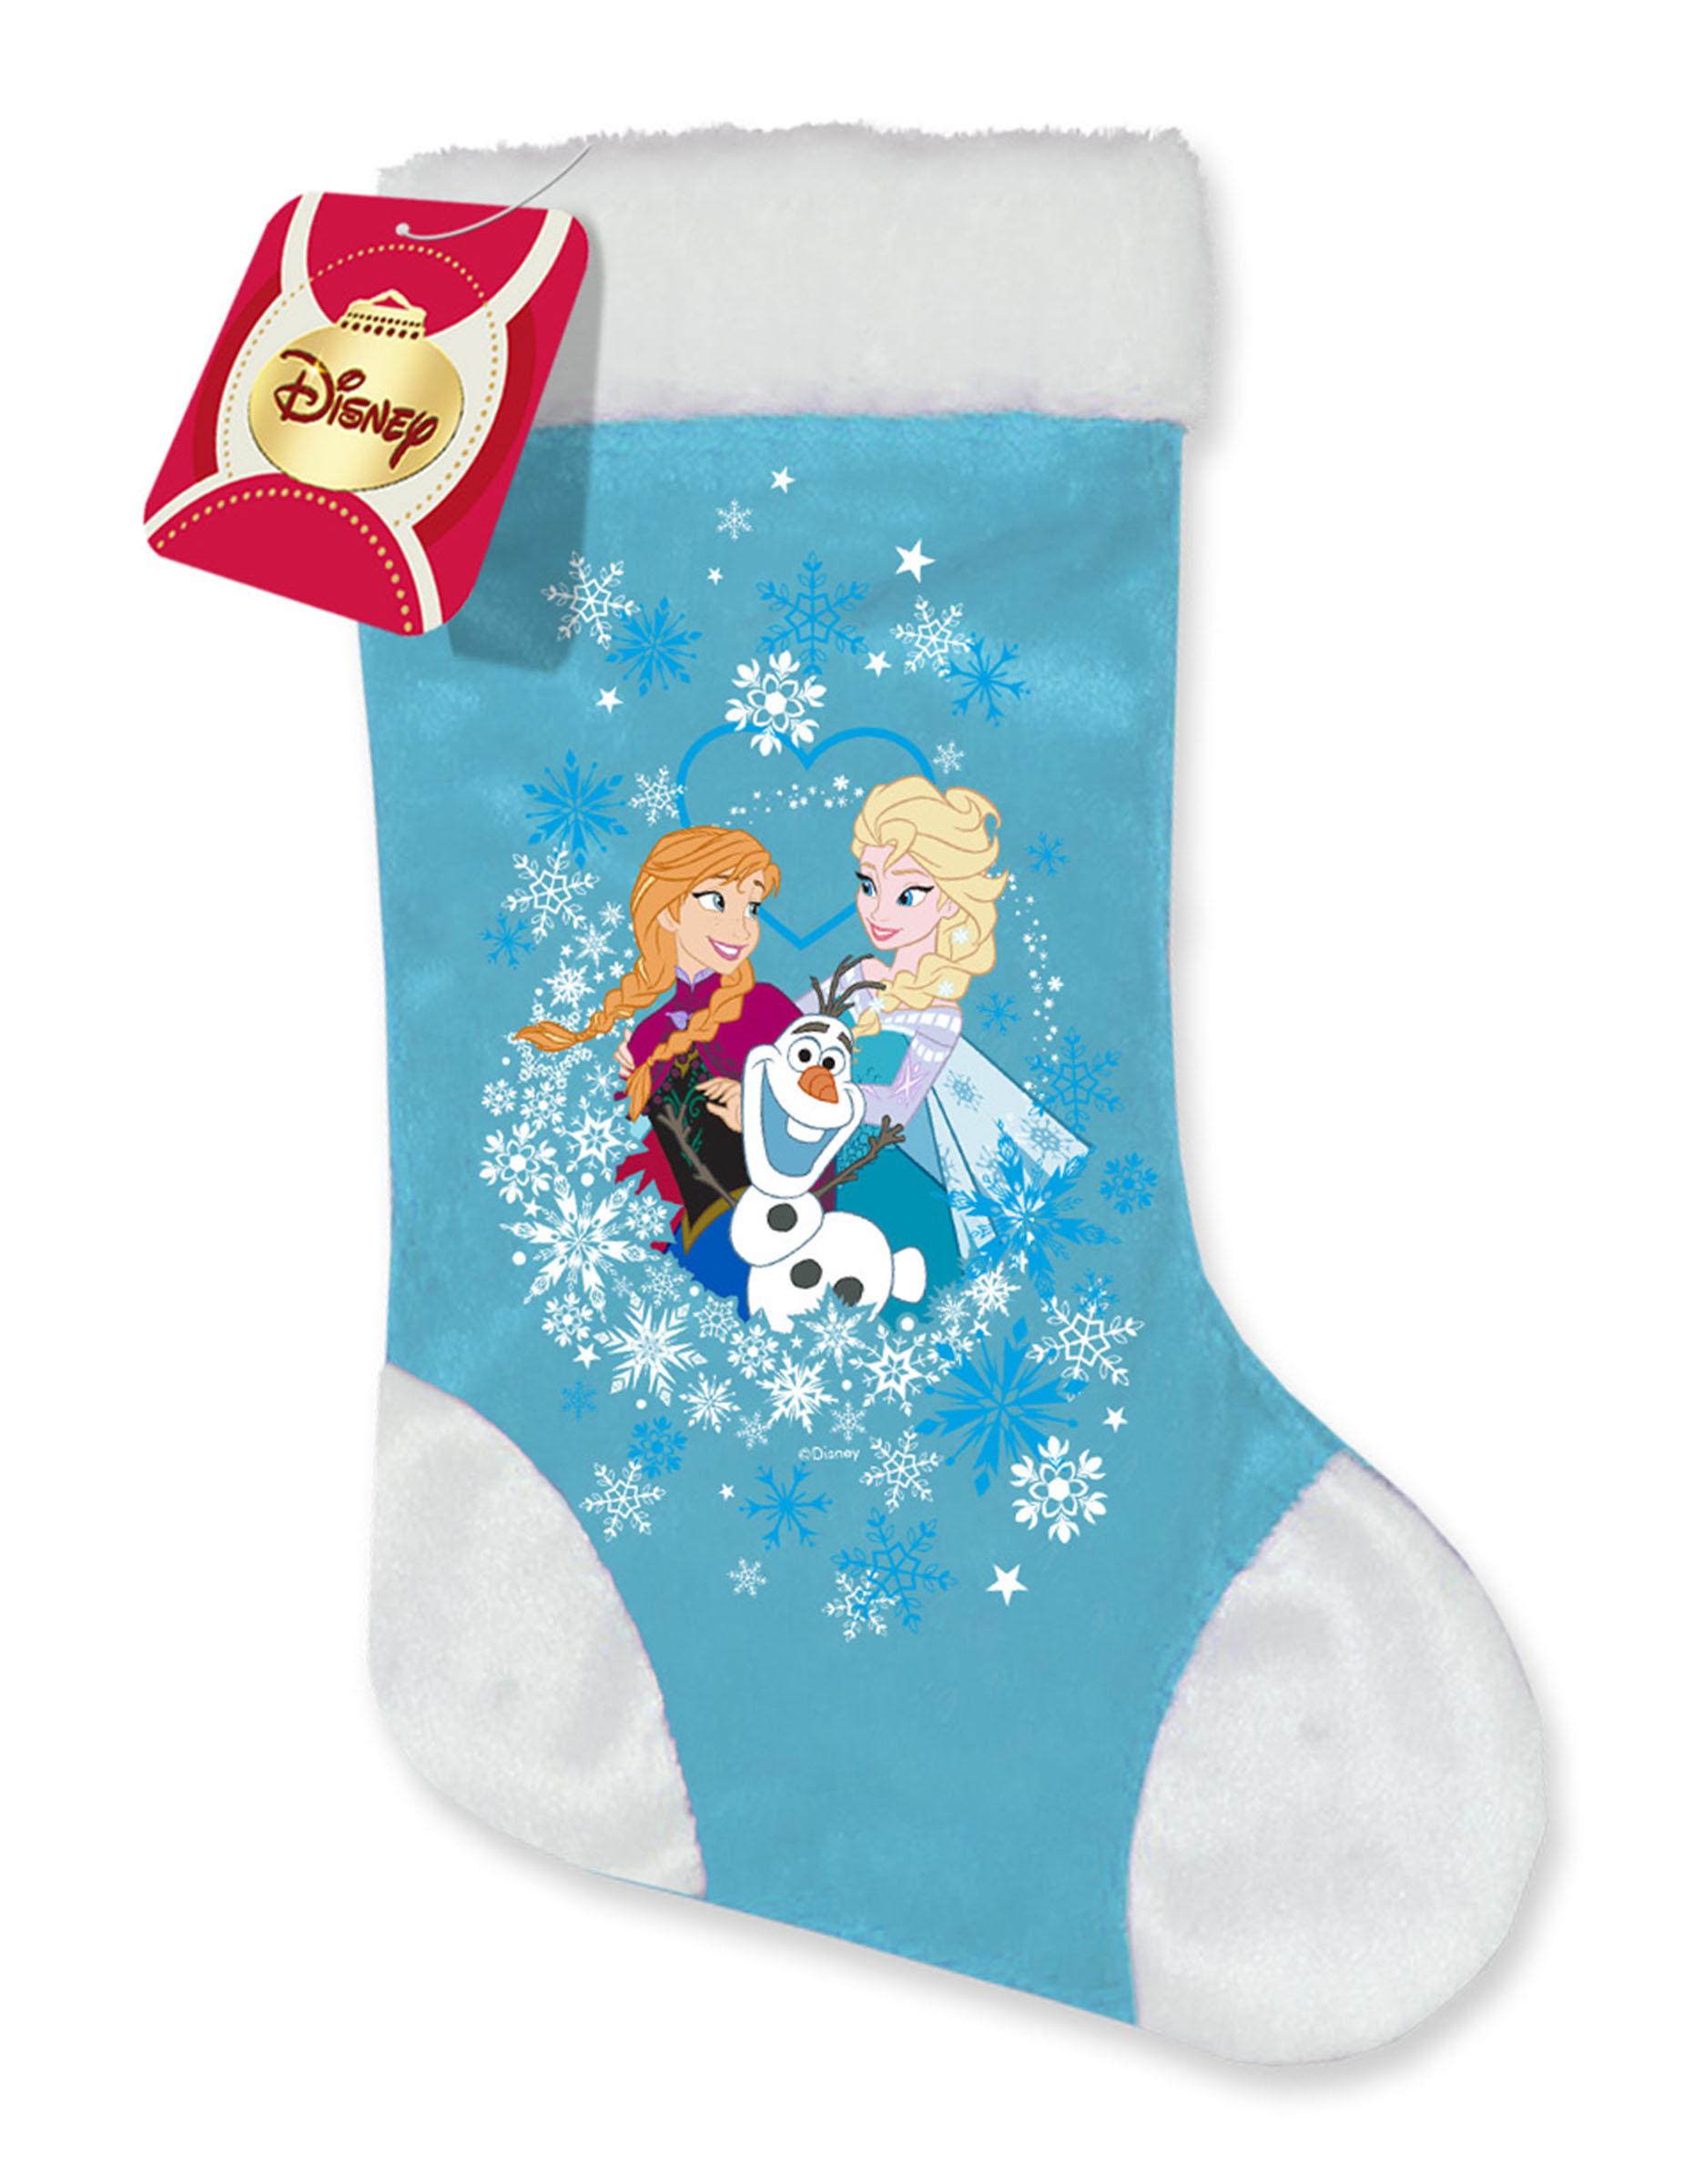 chaussette satin la reine des neiges nol - Chaussette De Noel Disney